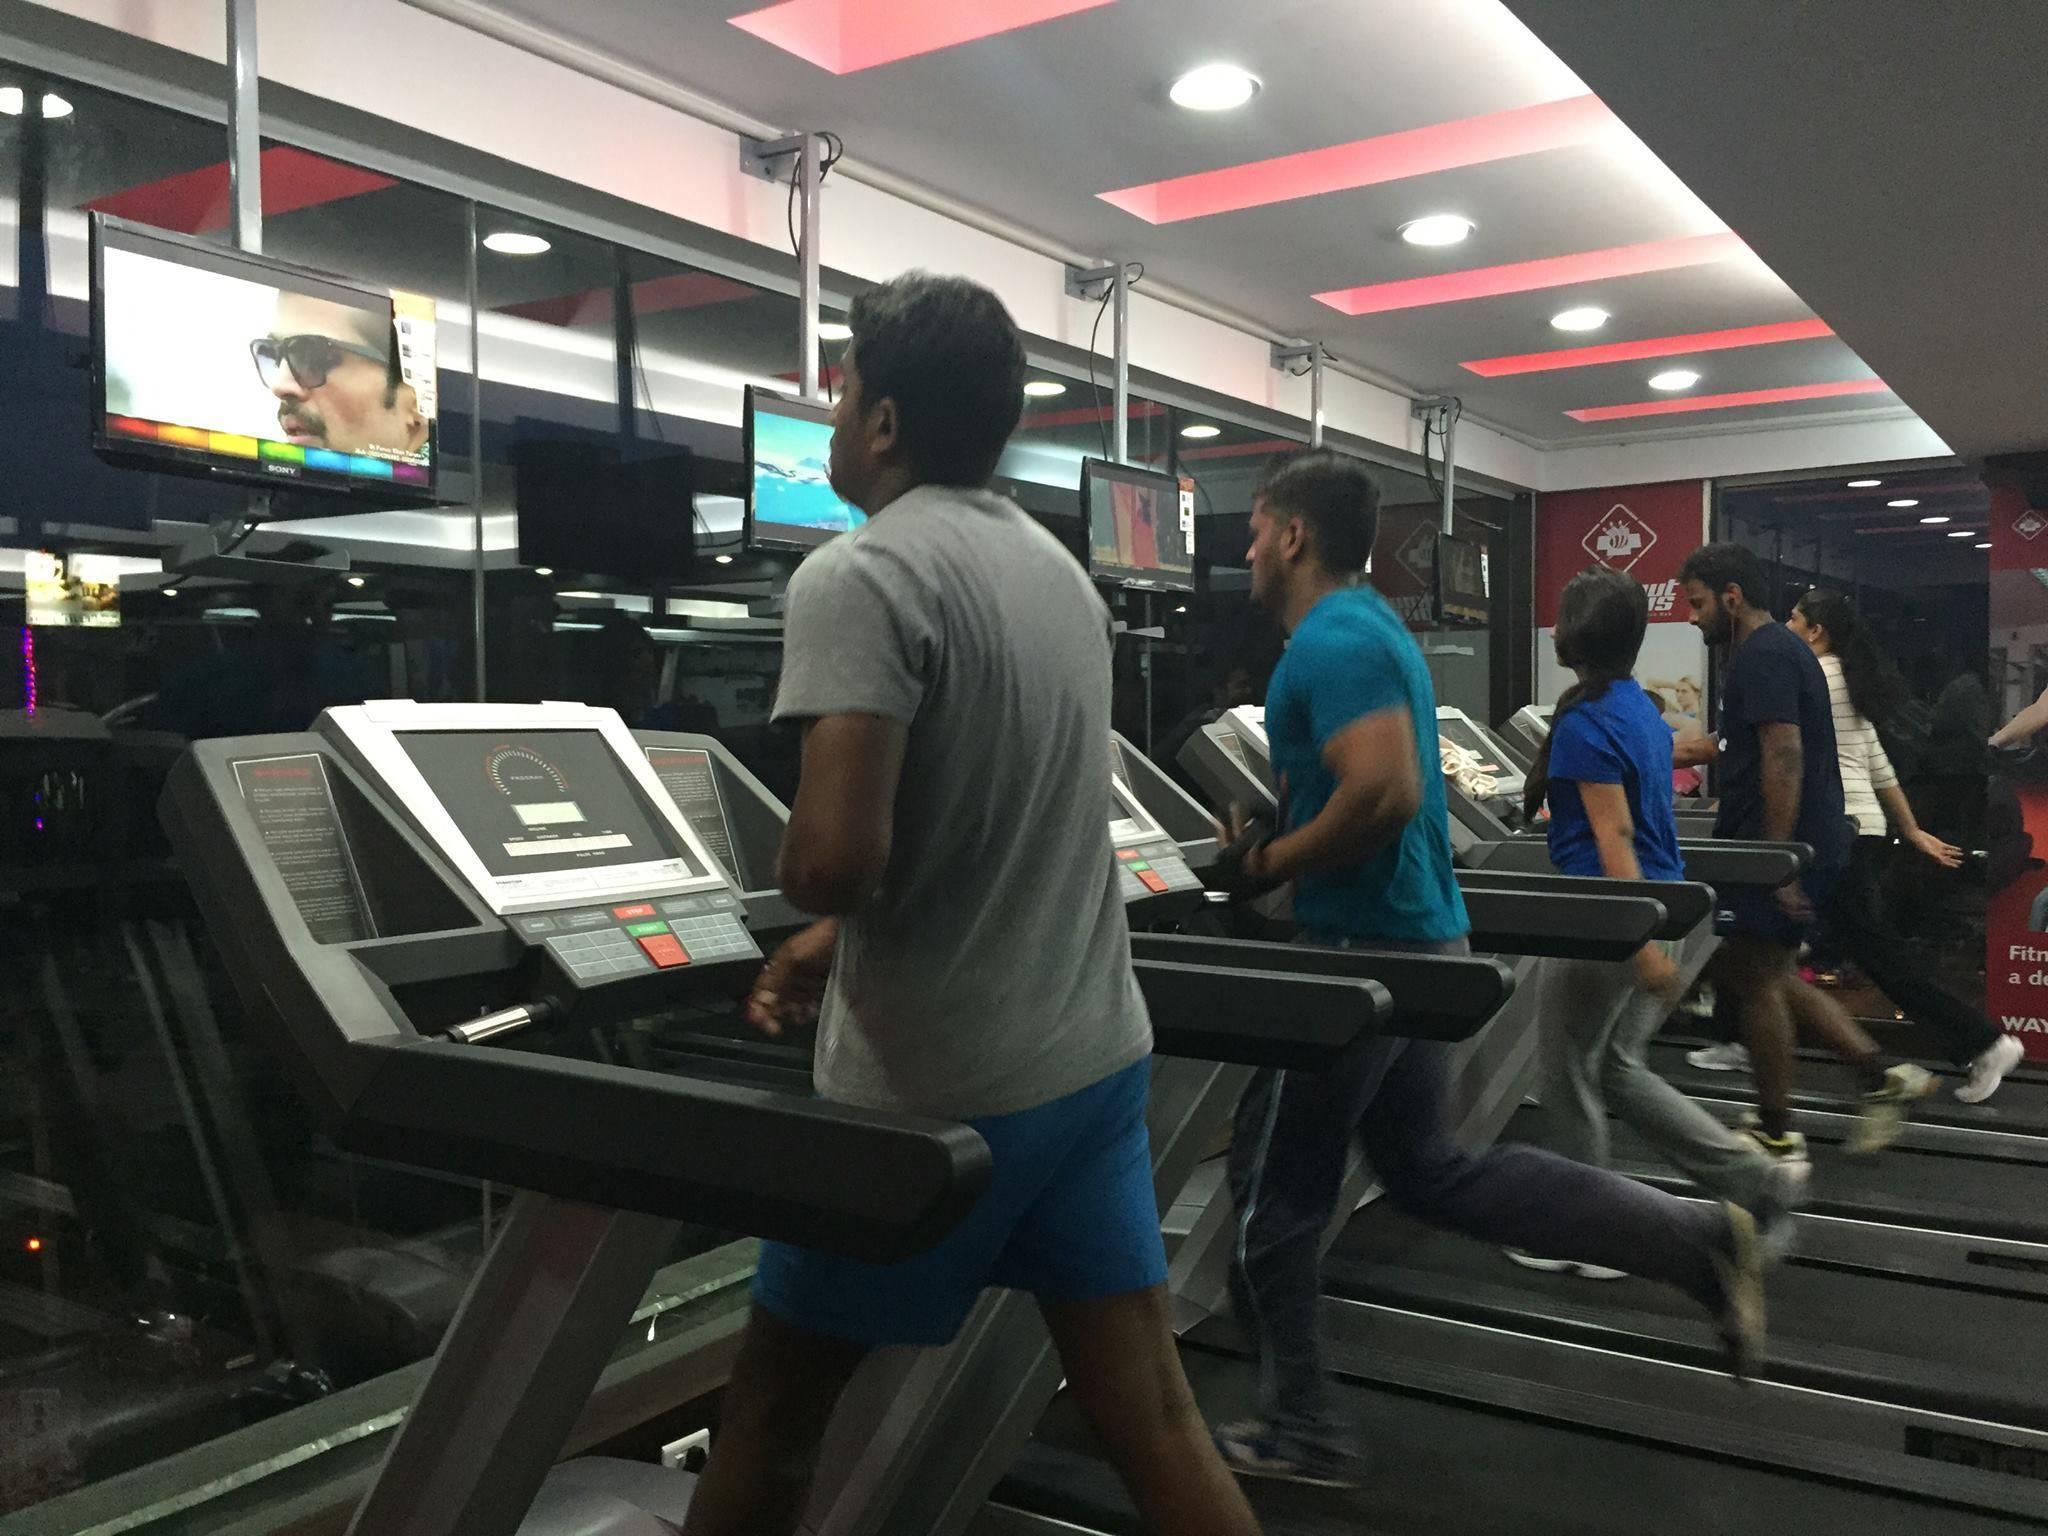 Workout Plus Electronic City Phase I